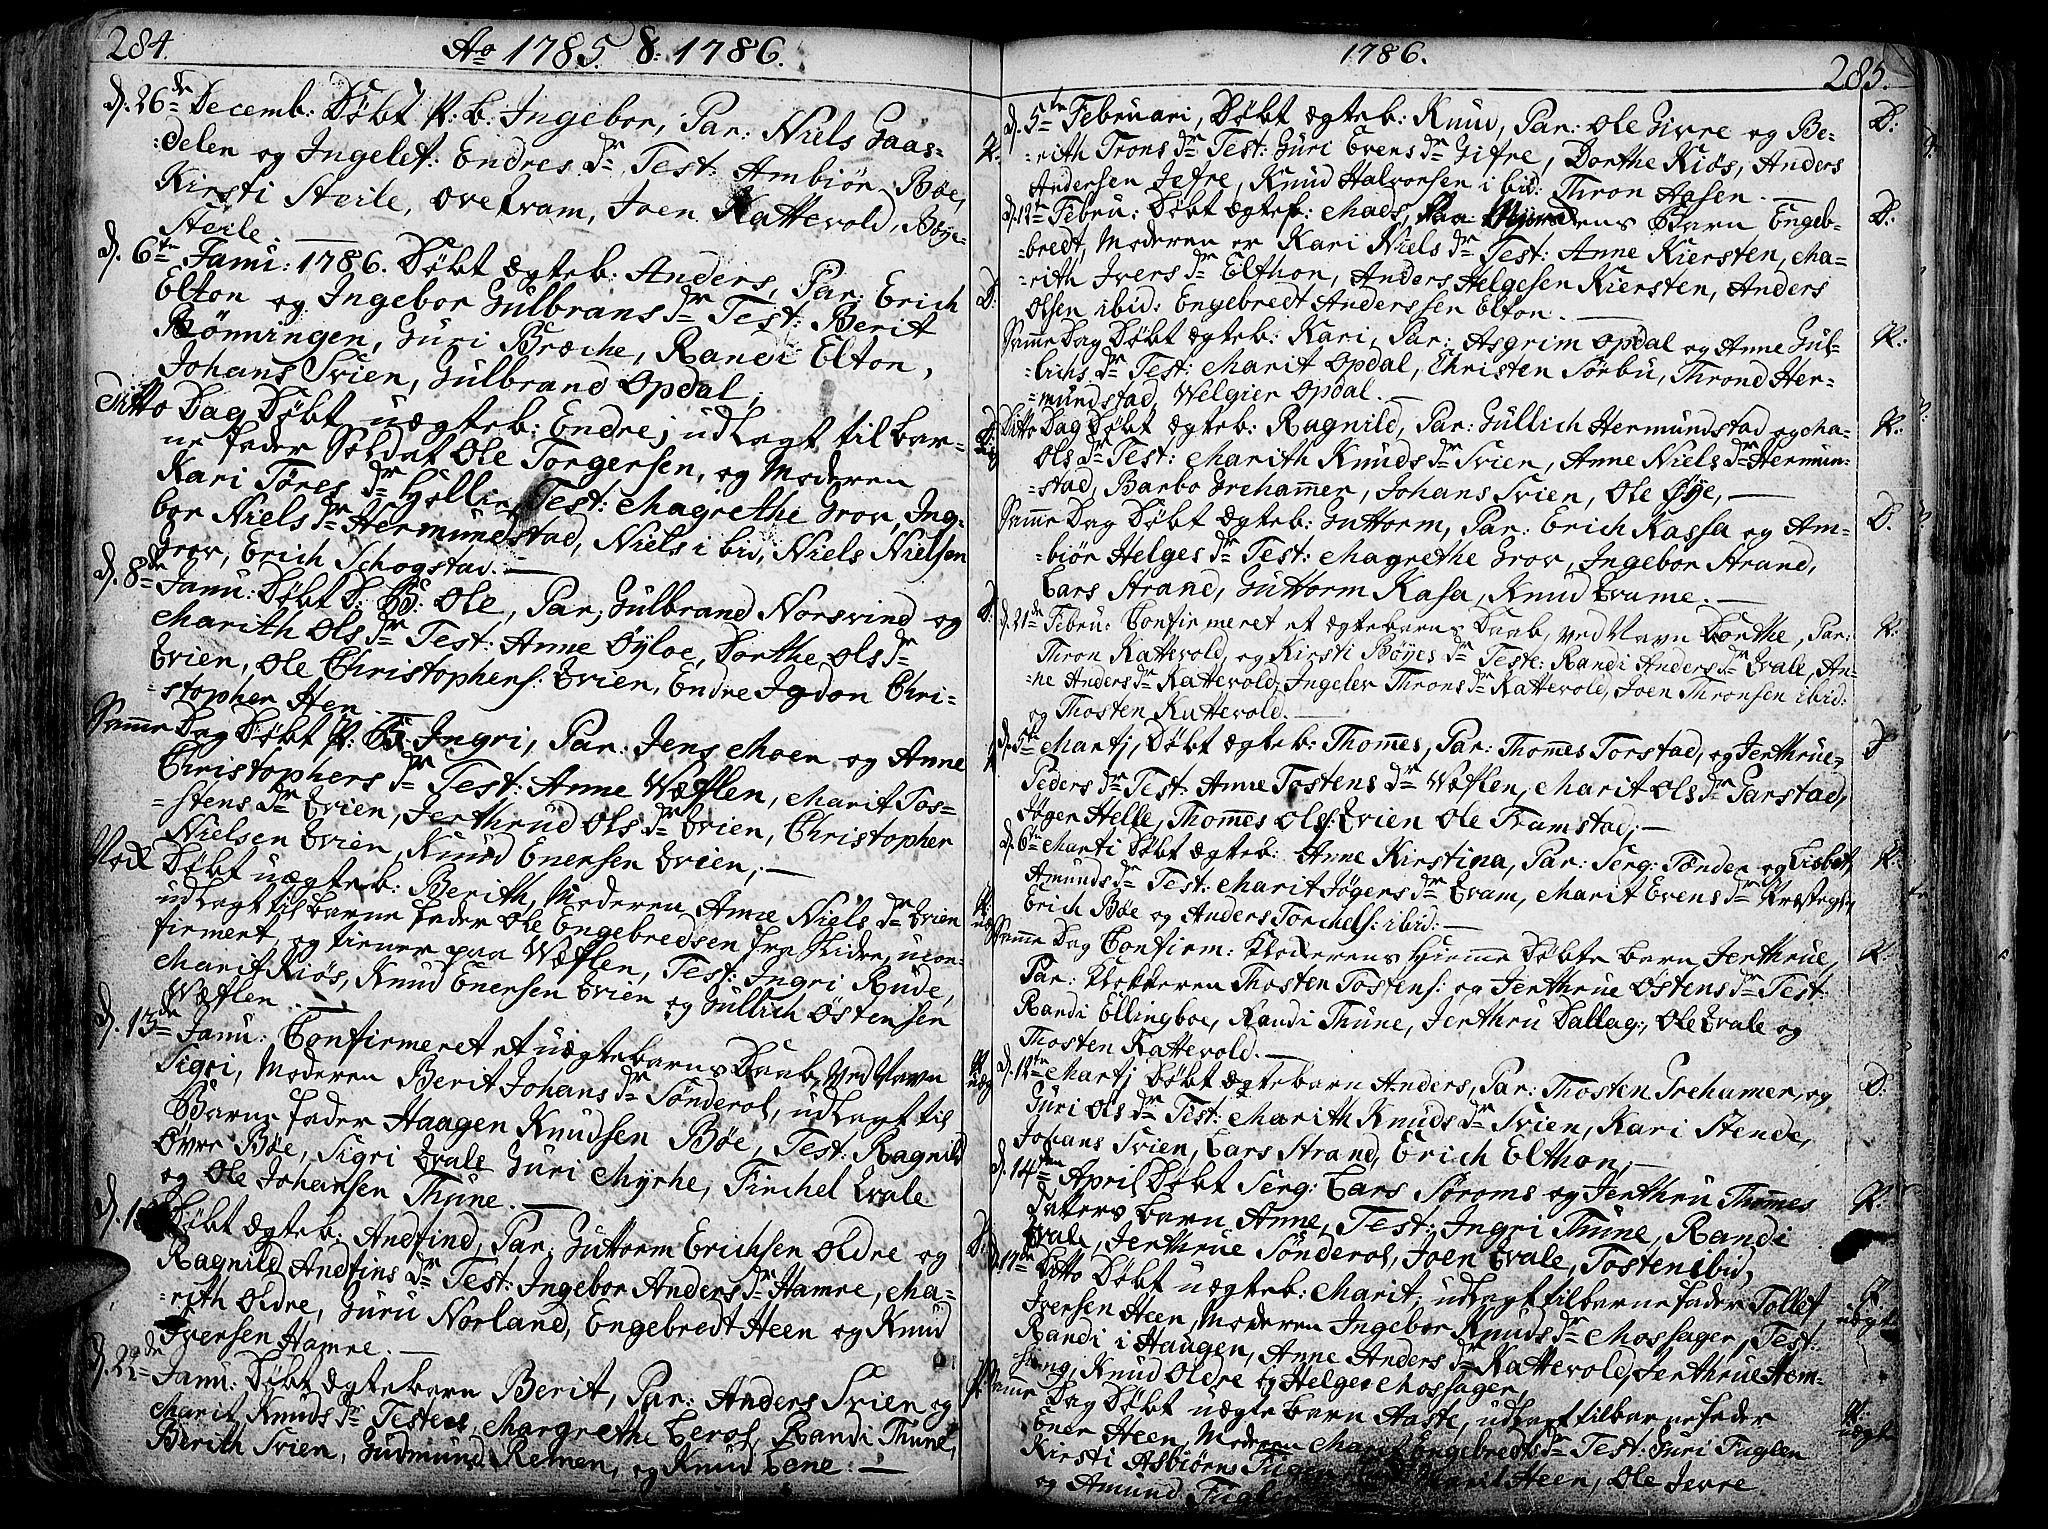 SAH, Vang prestekontor, Valdres, Ministerialbok nr. 1, 1730-1796, s. 284-285